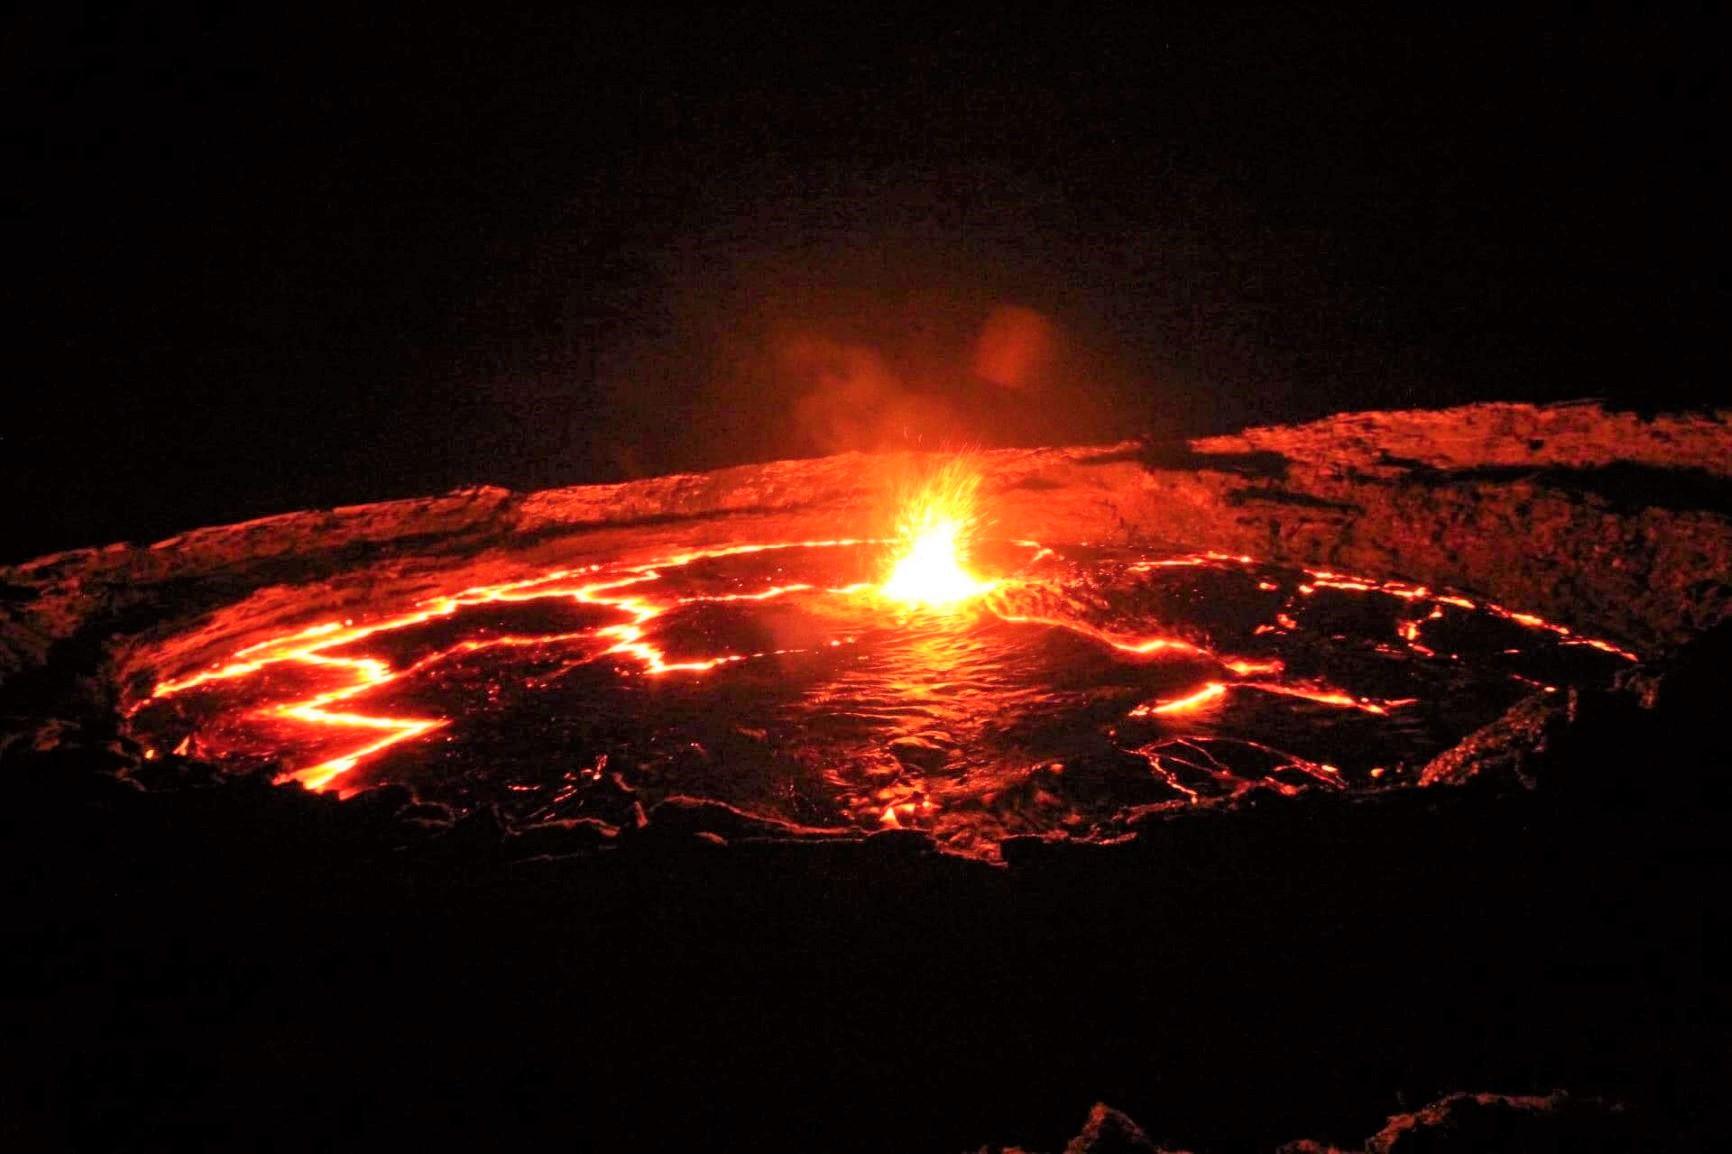 躍動感あふれるエルタ・アレ火山